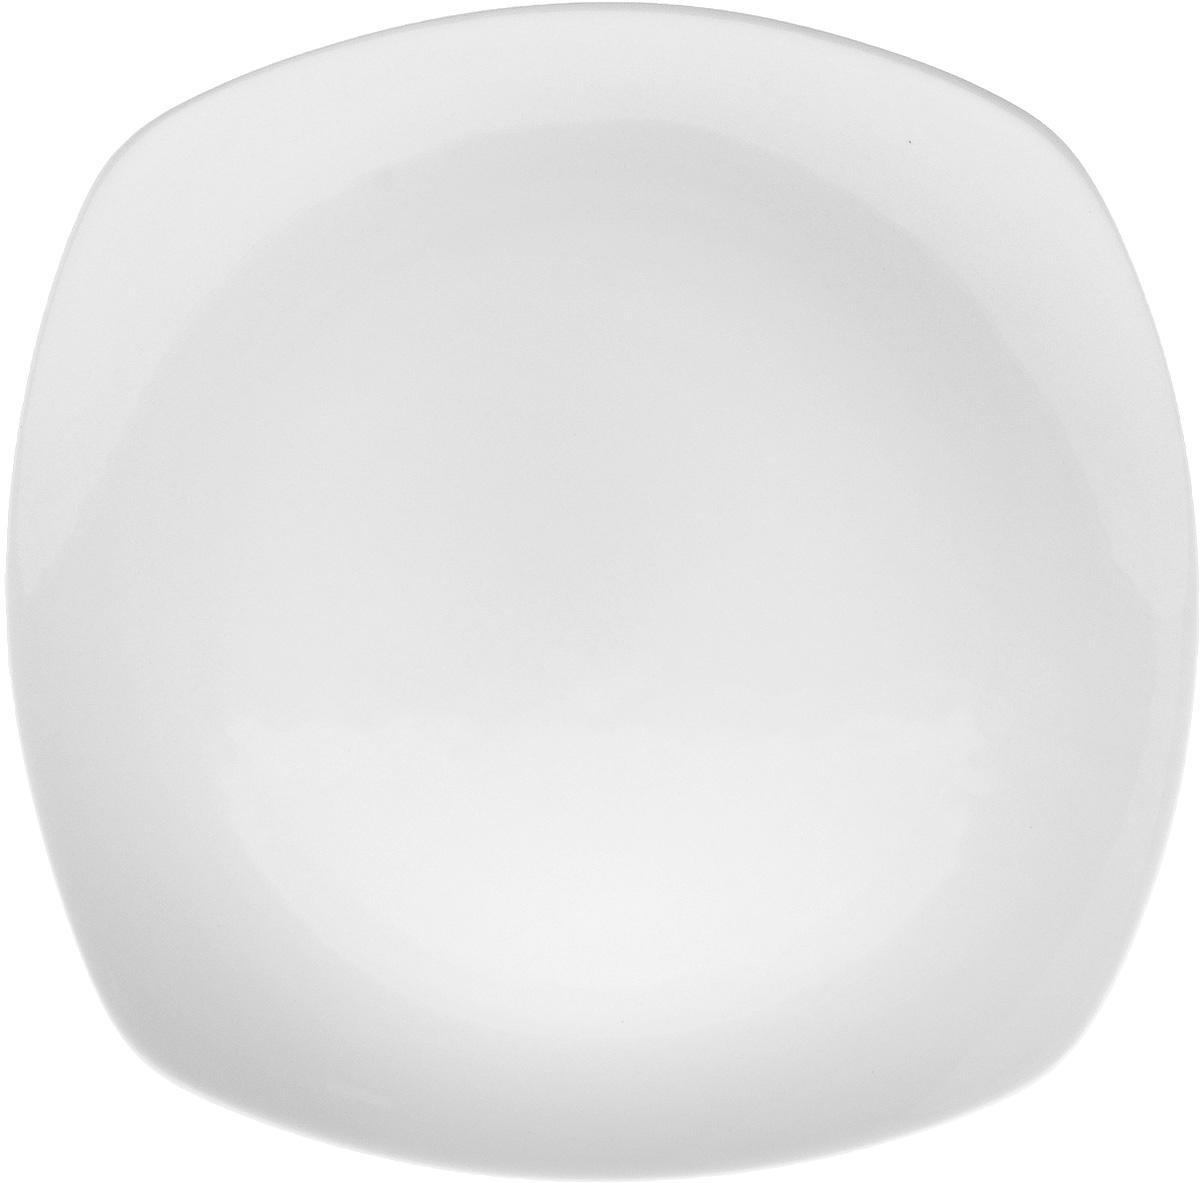 Тарелка Wilmax, 25,5 х 25,5115510Тарелка Wilmax, изготовленная из высококачественного фарфора, имеет квадратную форму. Оригинальный дизайн придется по вкусу и ценителям классики, и тем, кто предпочитает утонченность и изысканность. Тарелка Wilmax идеально подойдет для сервировки стола и станет отличным подарком к любому празднику.Размер тарелки: 25,5 х 25,5